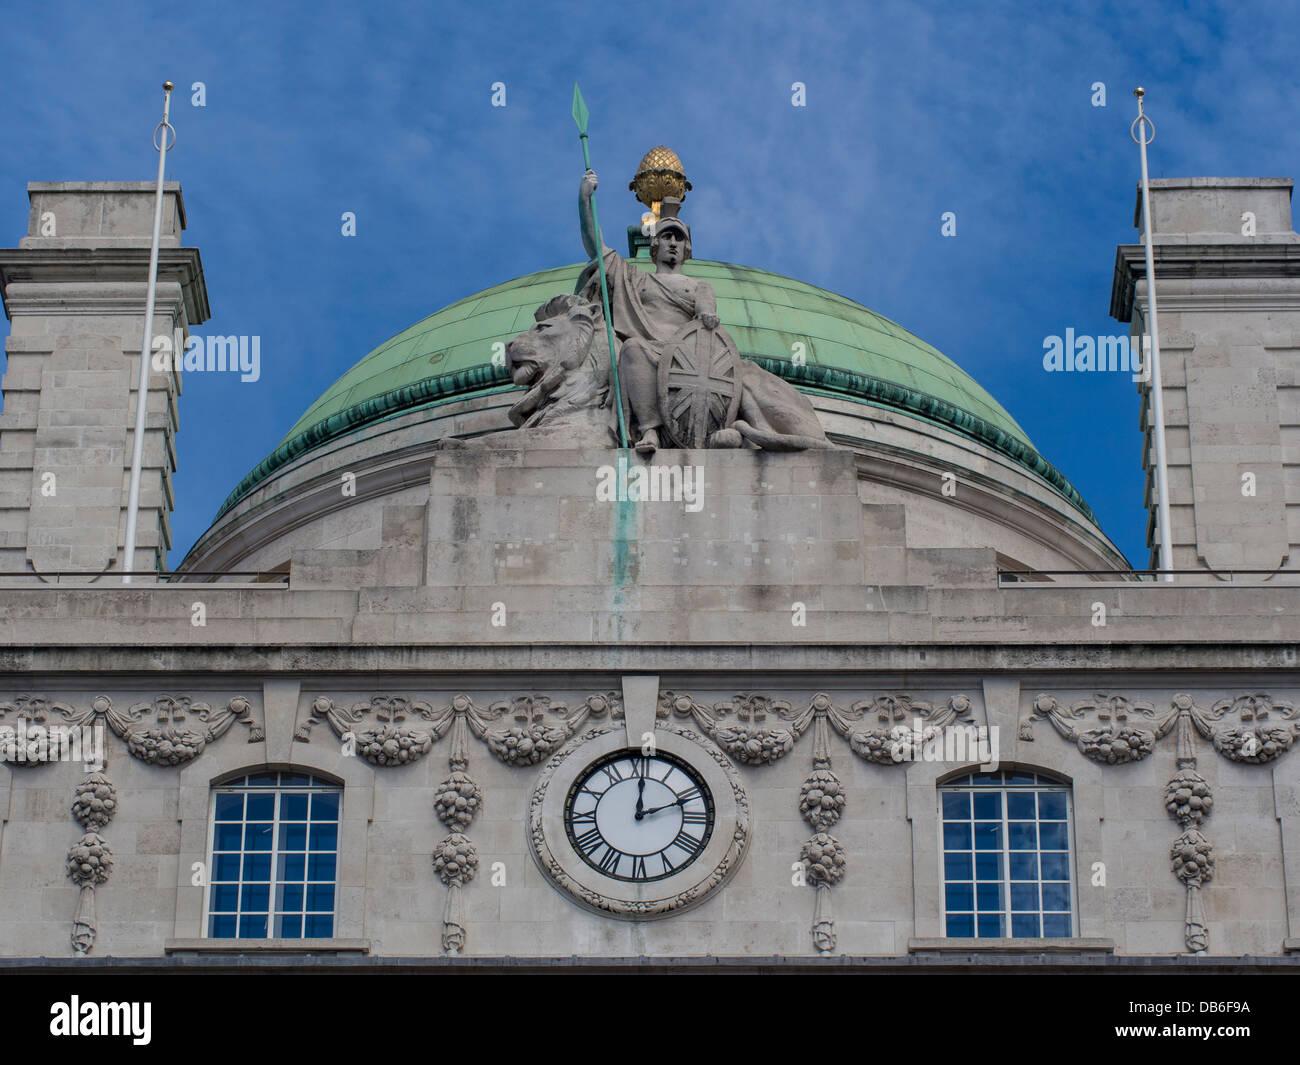 Britannia Iconic Statue on Regent Street Building - Stock Image